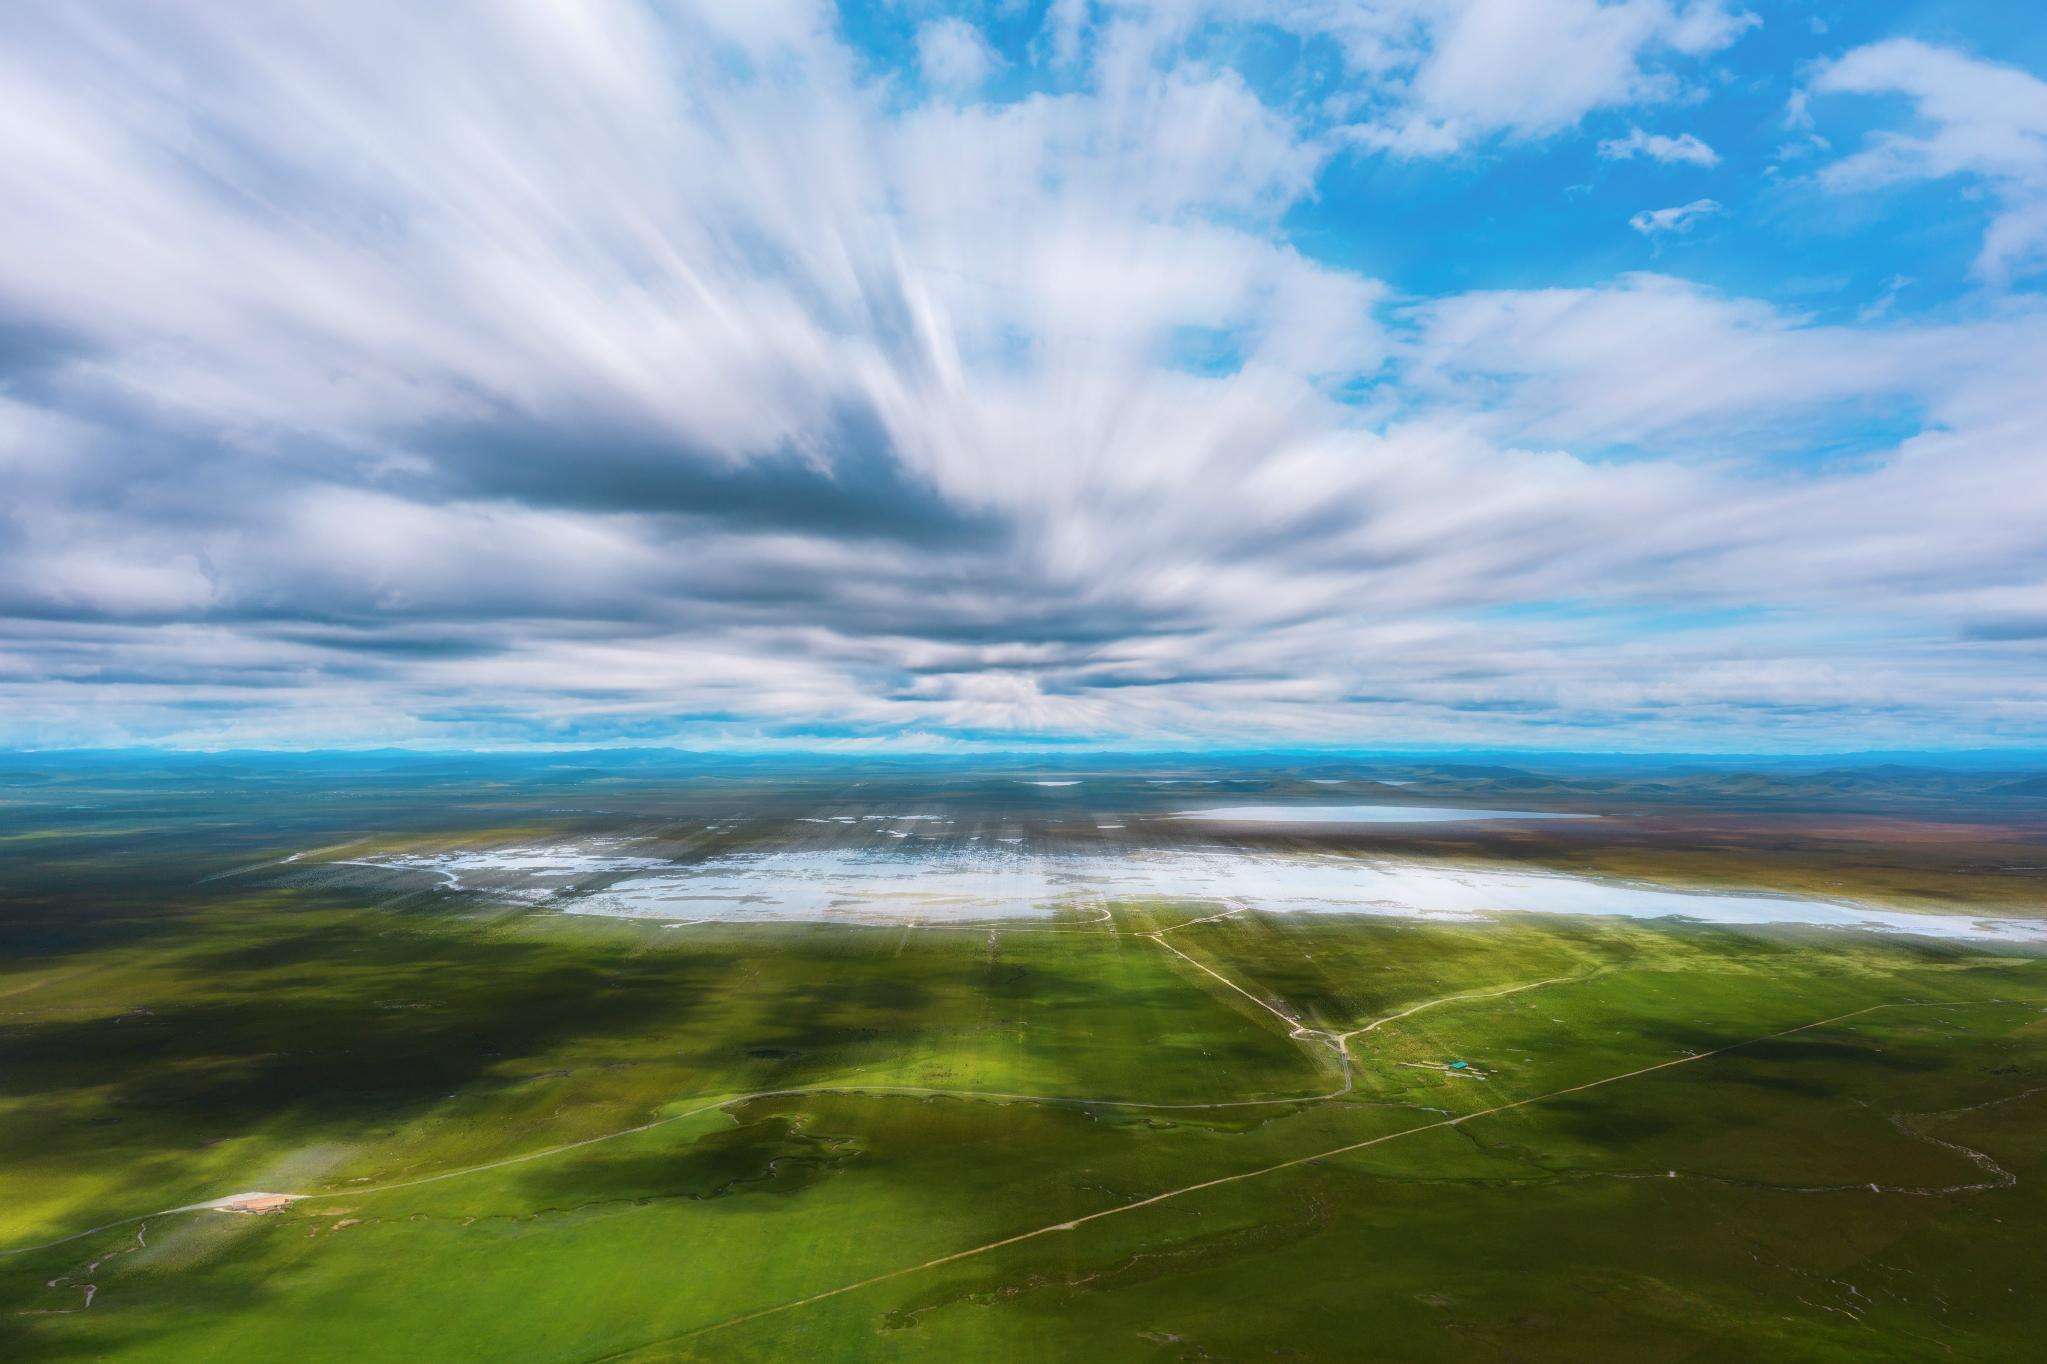 甘南迭部到阿坝若尔盖有一鲜为人知的秘道 白龙江进大草原出 亲眼看岷山神秘消失!